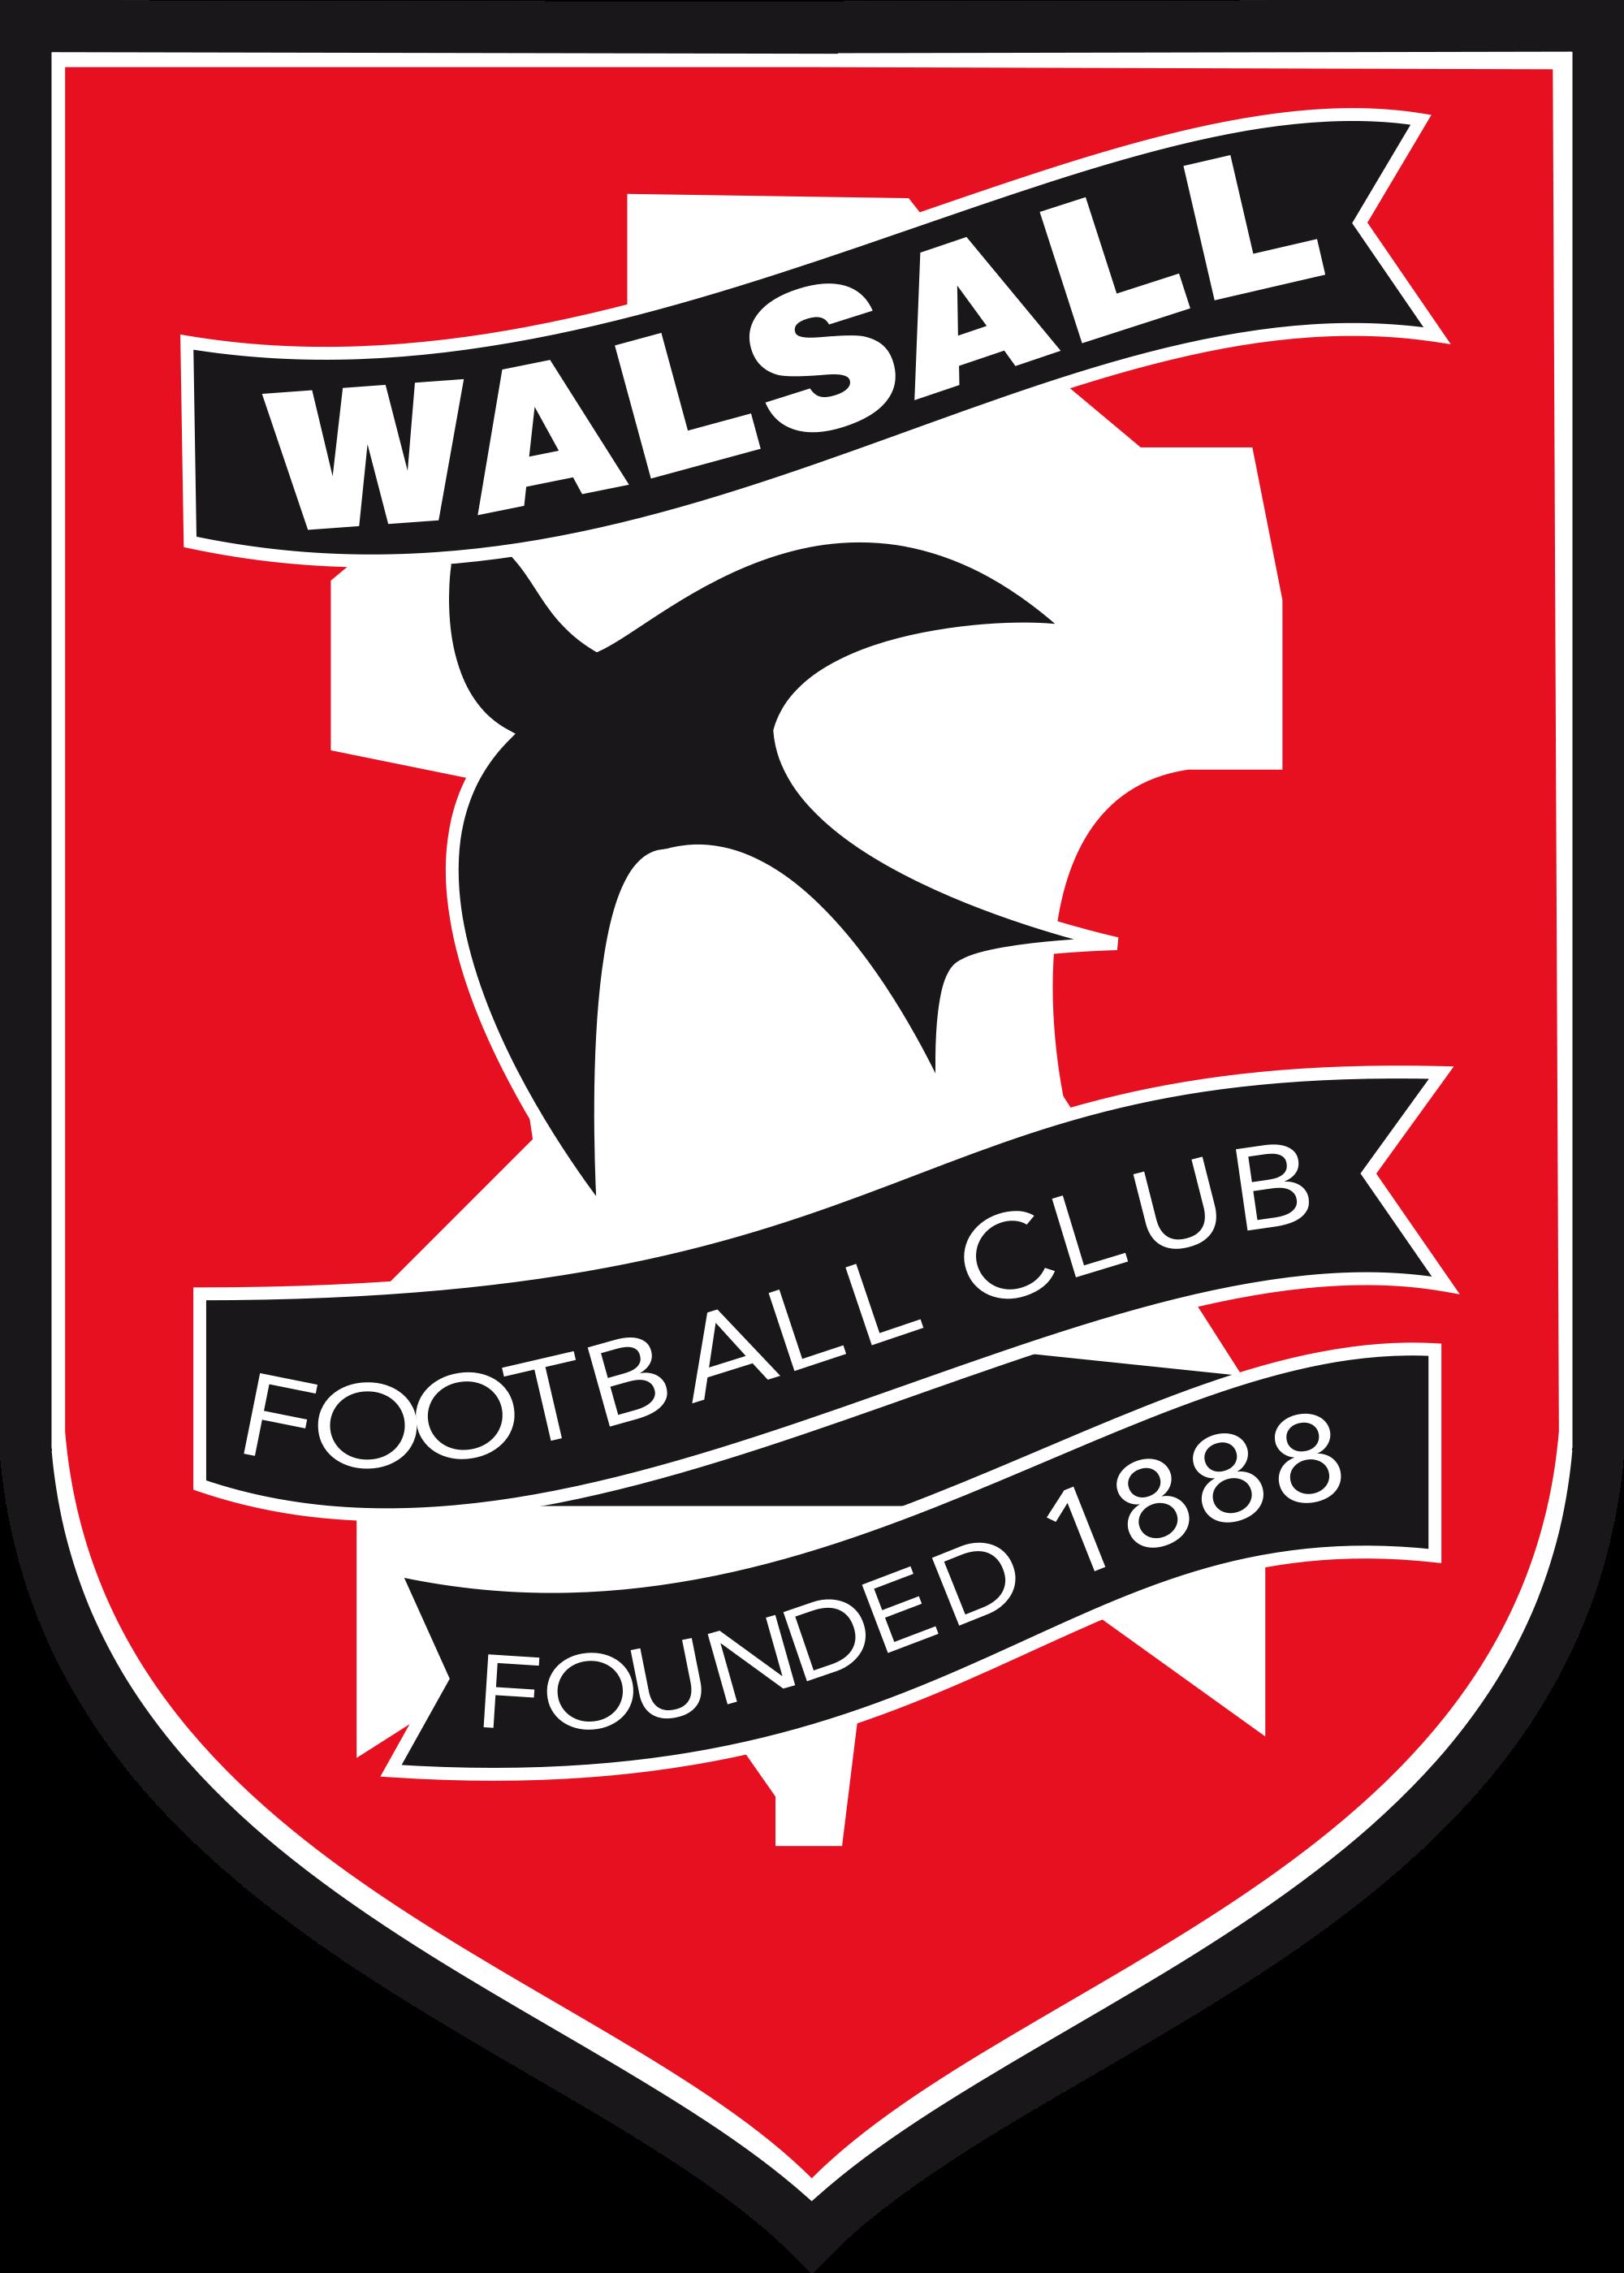 Walsall fc walsall fc pinterest walsall fc